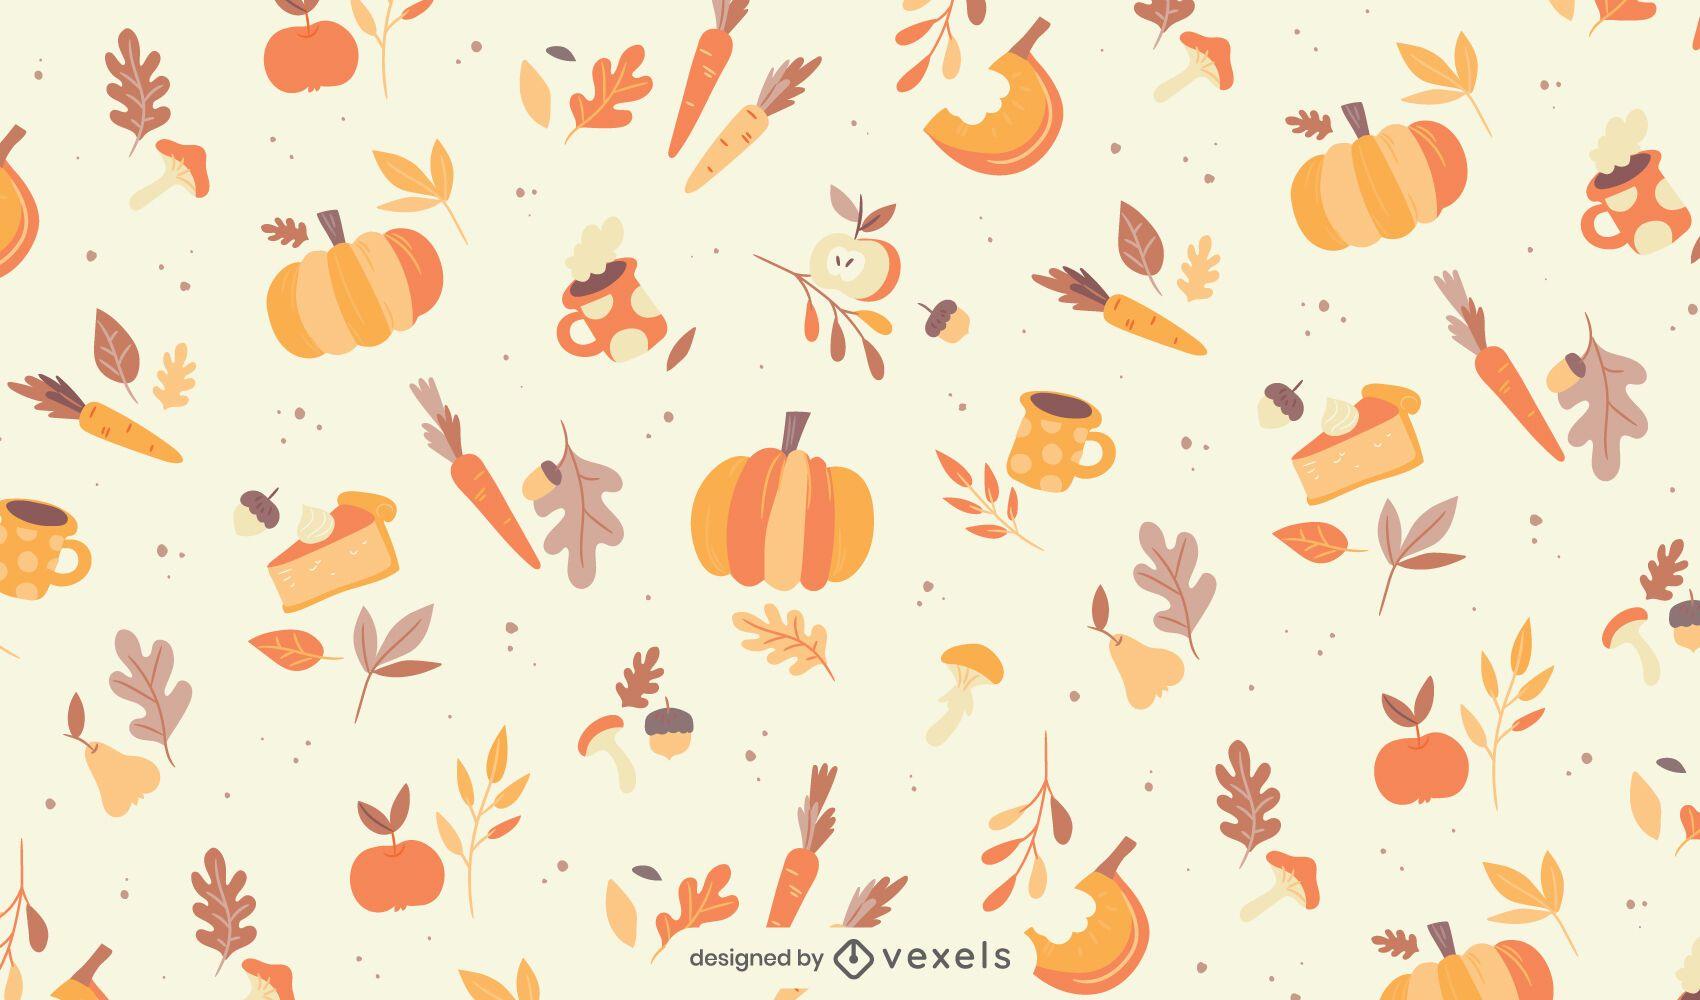 Autumn season elements pattern design